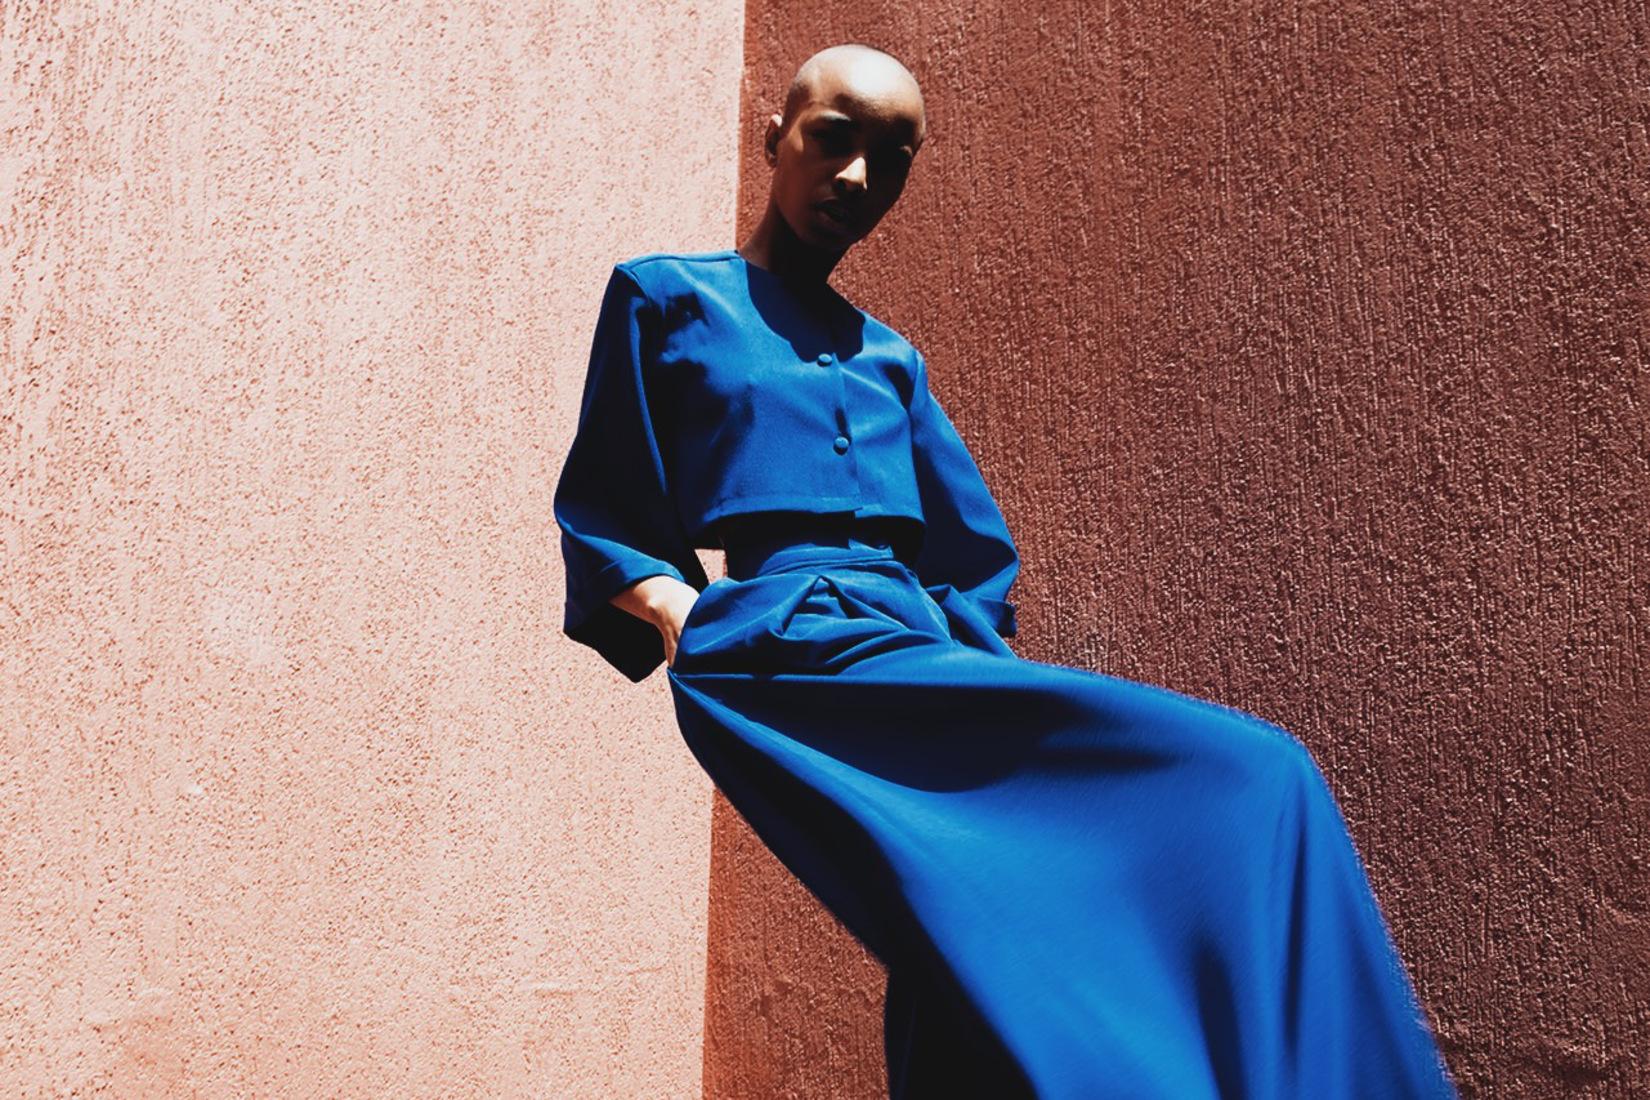 un mannequin porte un habit bleu derrière un mur rouge